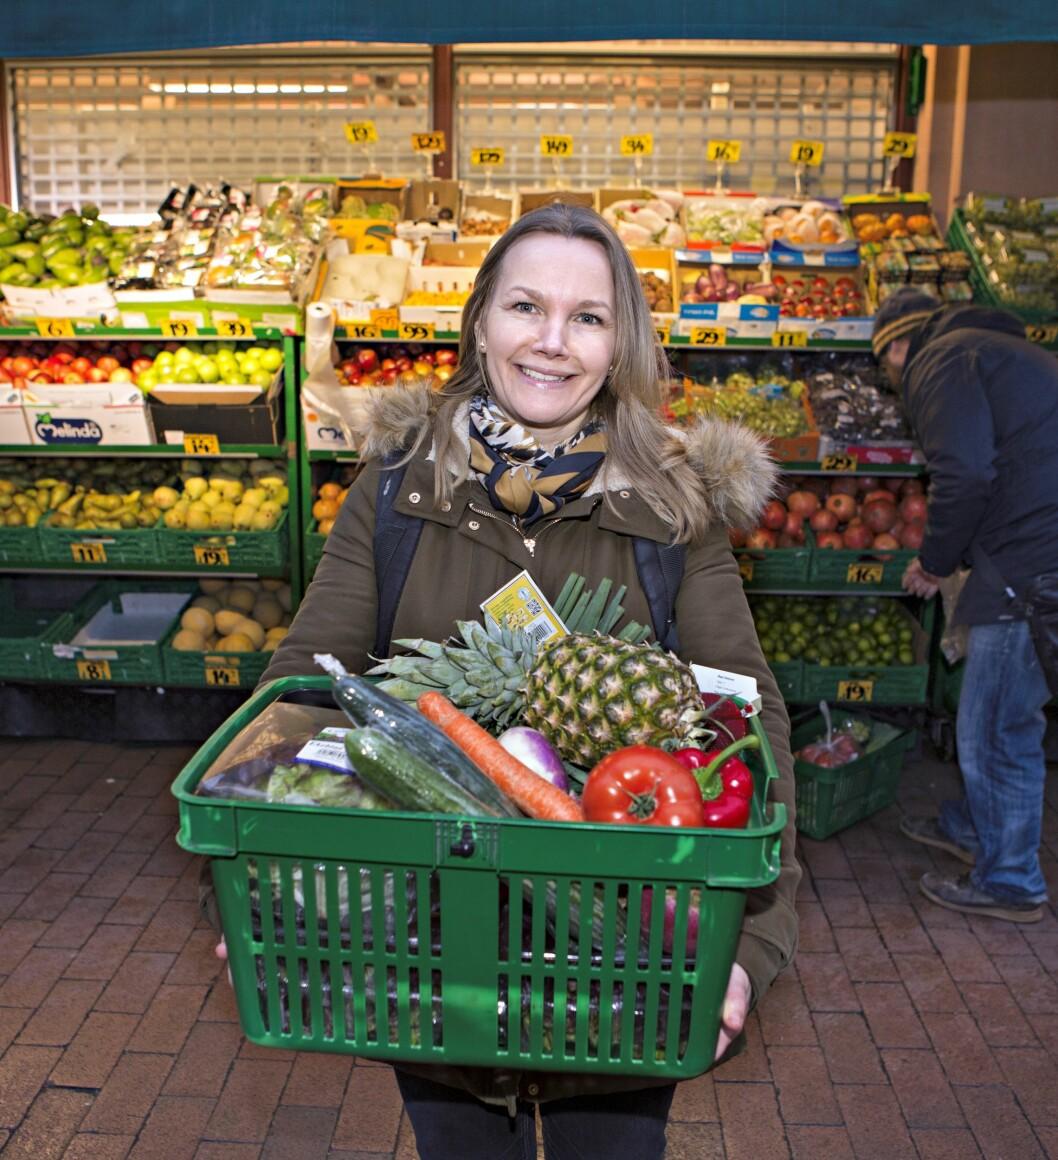 SPARE PÅ MAT: Å spare på forsikringer og bank – vanskelig og strevsomt. Å spare på mat, derimot, falt journalist Gry Thune veldig i smak.  Foto: Charlotte Wiig